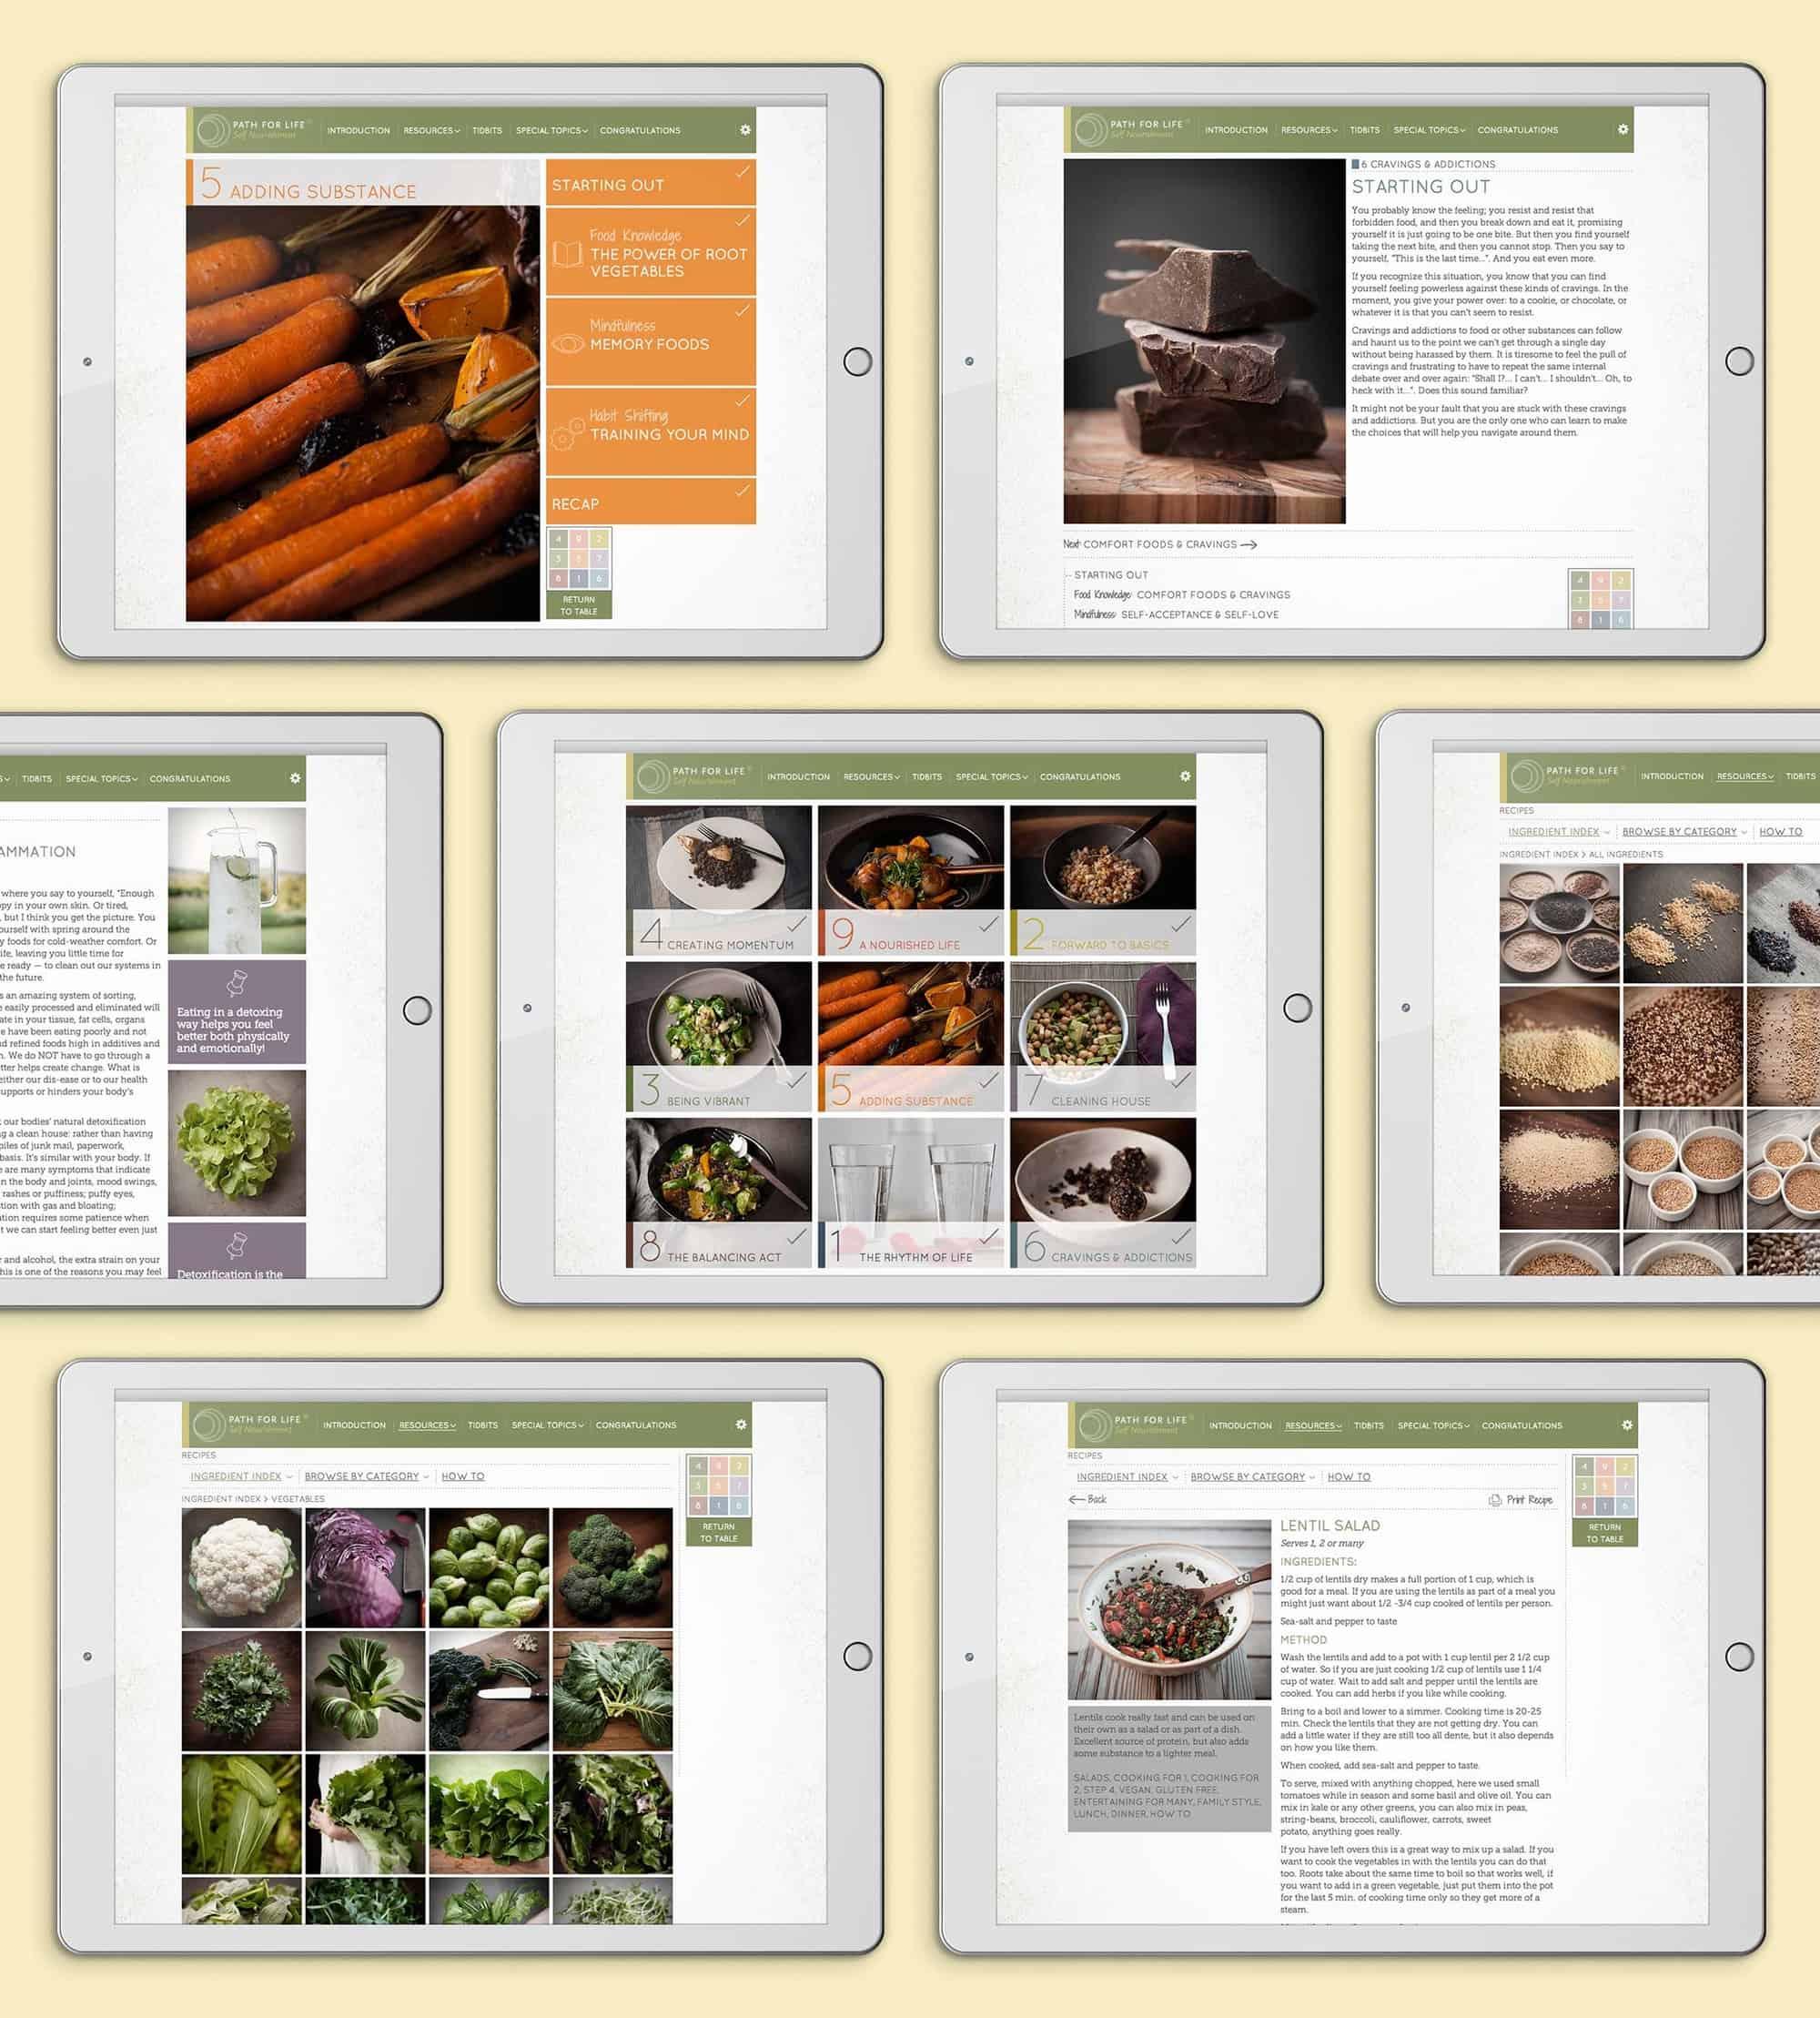 58da6f4d4f501c40503c4ac2_PFLSN tablets multipage-p-2000x.jpg